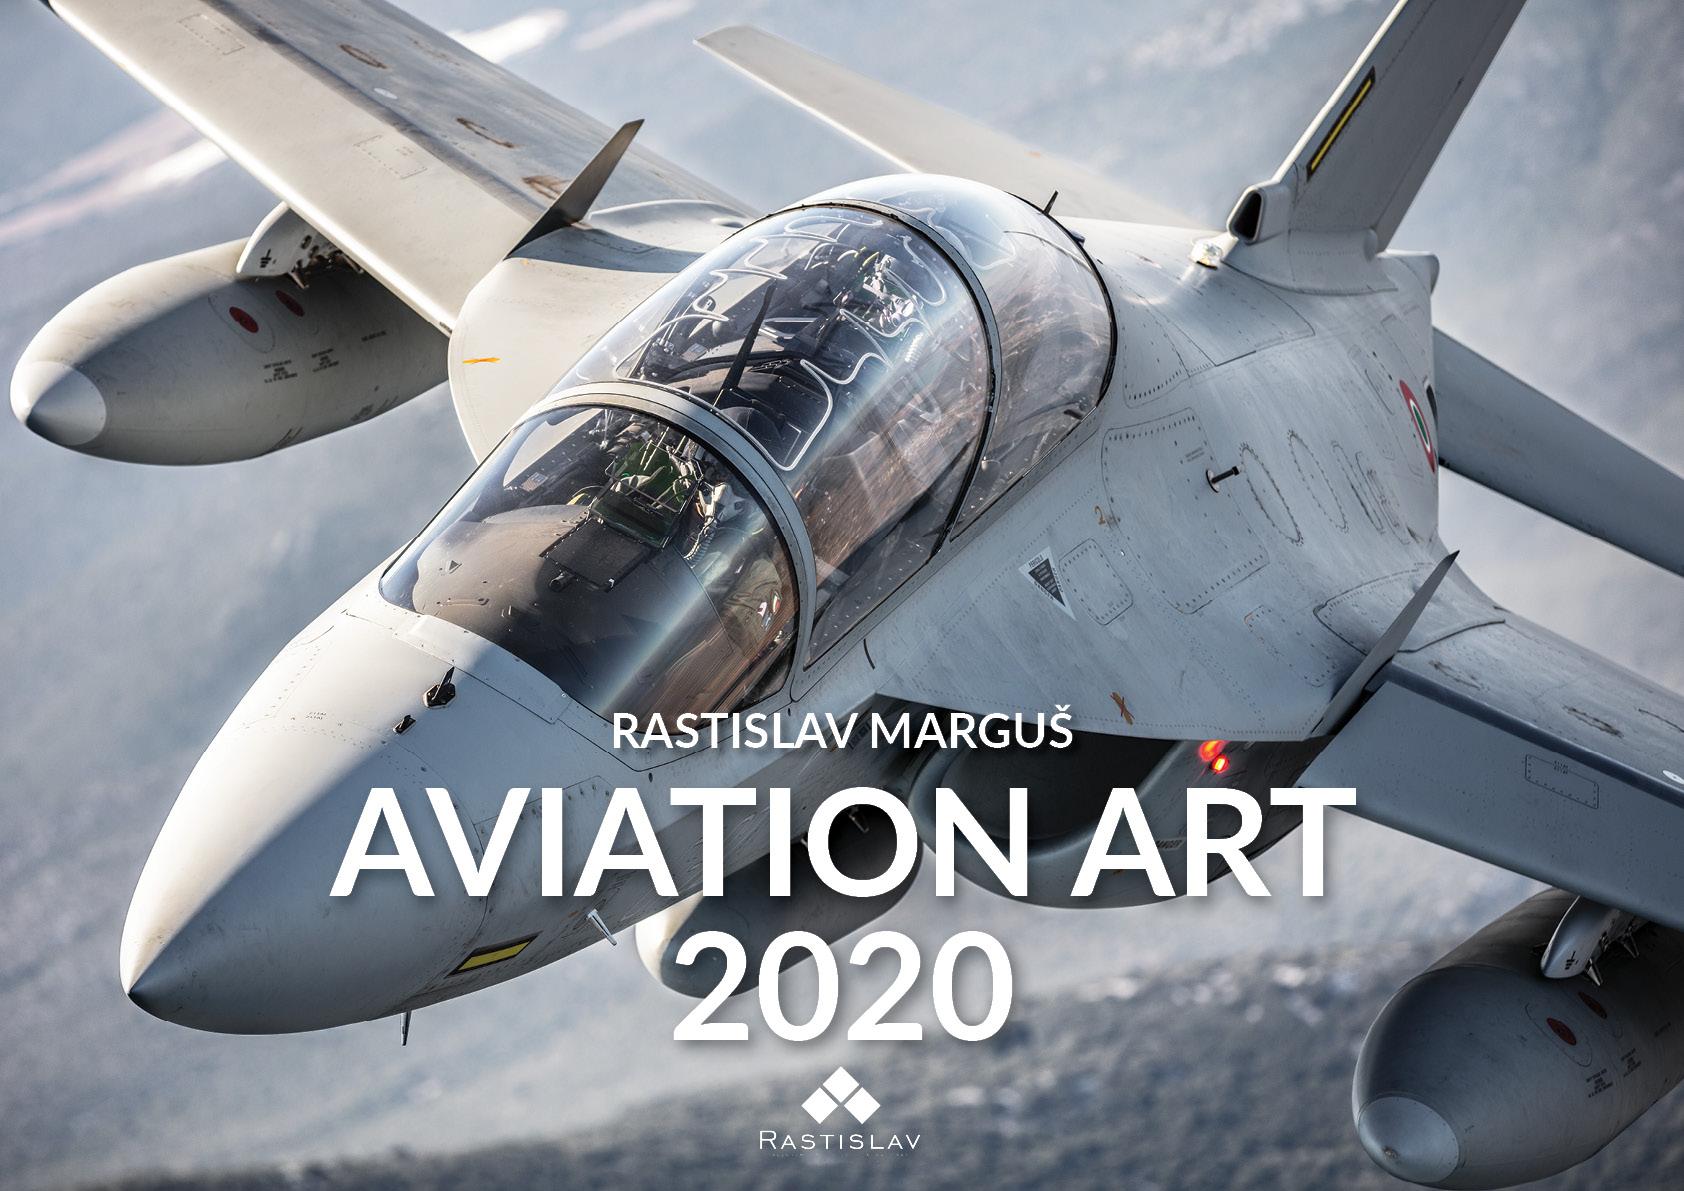 Aviation Art Calendar 2020